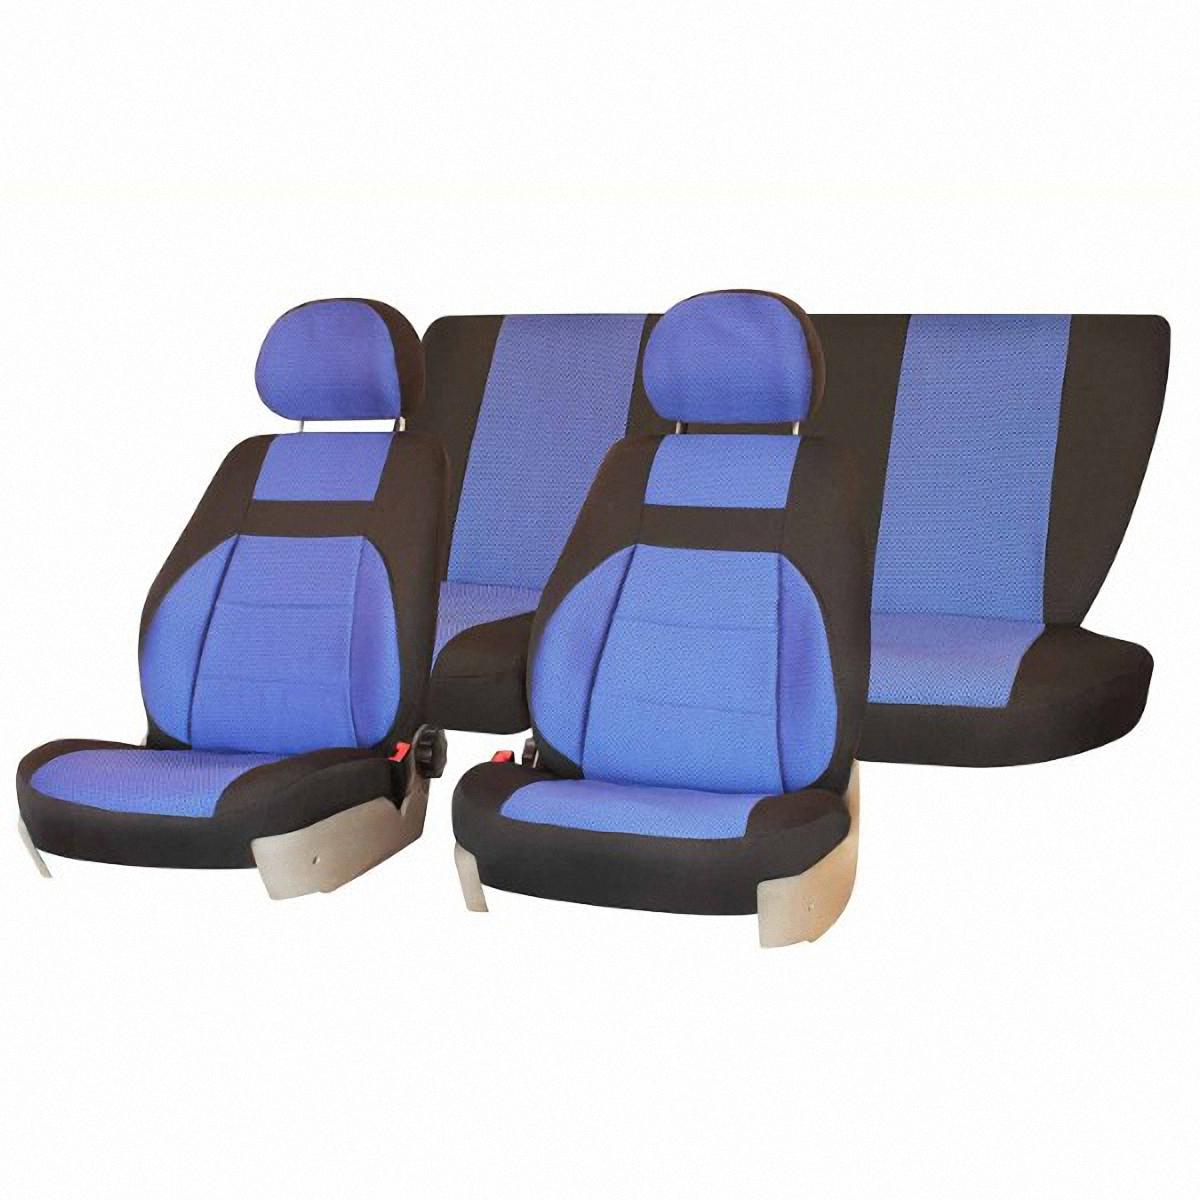 Чехлы автомобильные Skyway, для ВАЗ-2107, цвет: синий, черныйст18фАвтомобильные чехлы Skyway изготовлены из качественного жаккарда. Чехлы идеально повторяют штатную форму сидений и выглядят как оригинальная обивка сидений. Разработаны индивидуально для каждой модели автомобиля. Авточехлы Skyway просты в уходе - загрязнения легко удаляются влажной тканью. Чехлы имеют раздельную схему надевания. В комплекте 6 предметов.